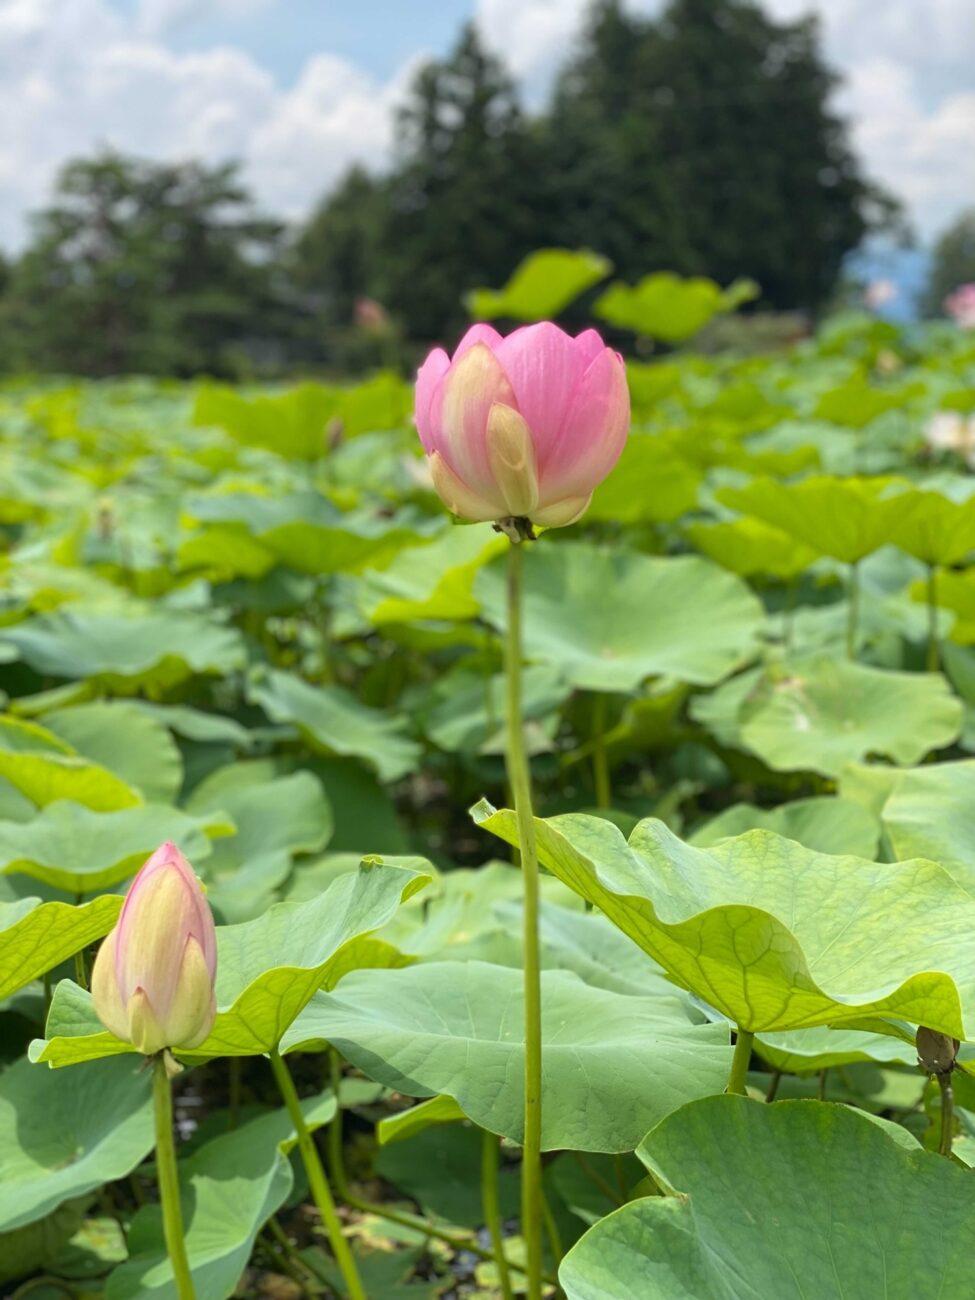 木島平村の稲泉寺のハスの花 2021年7月14日の様子 その3